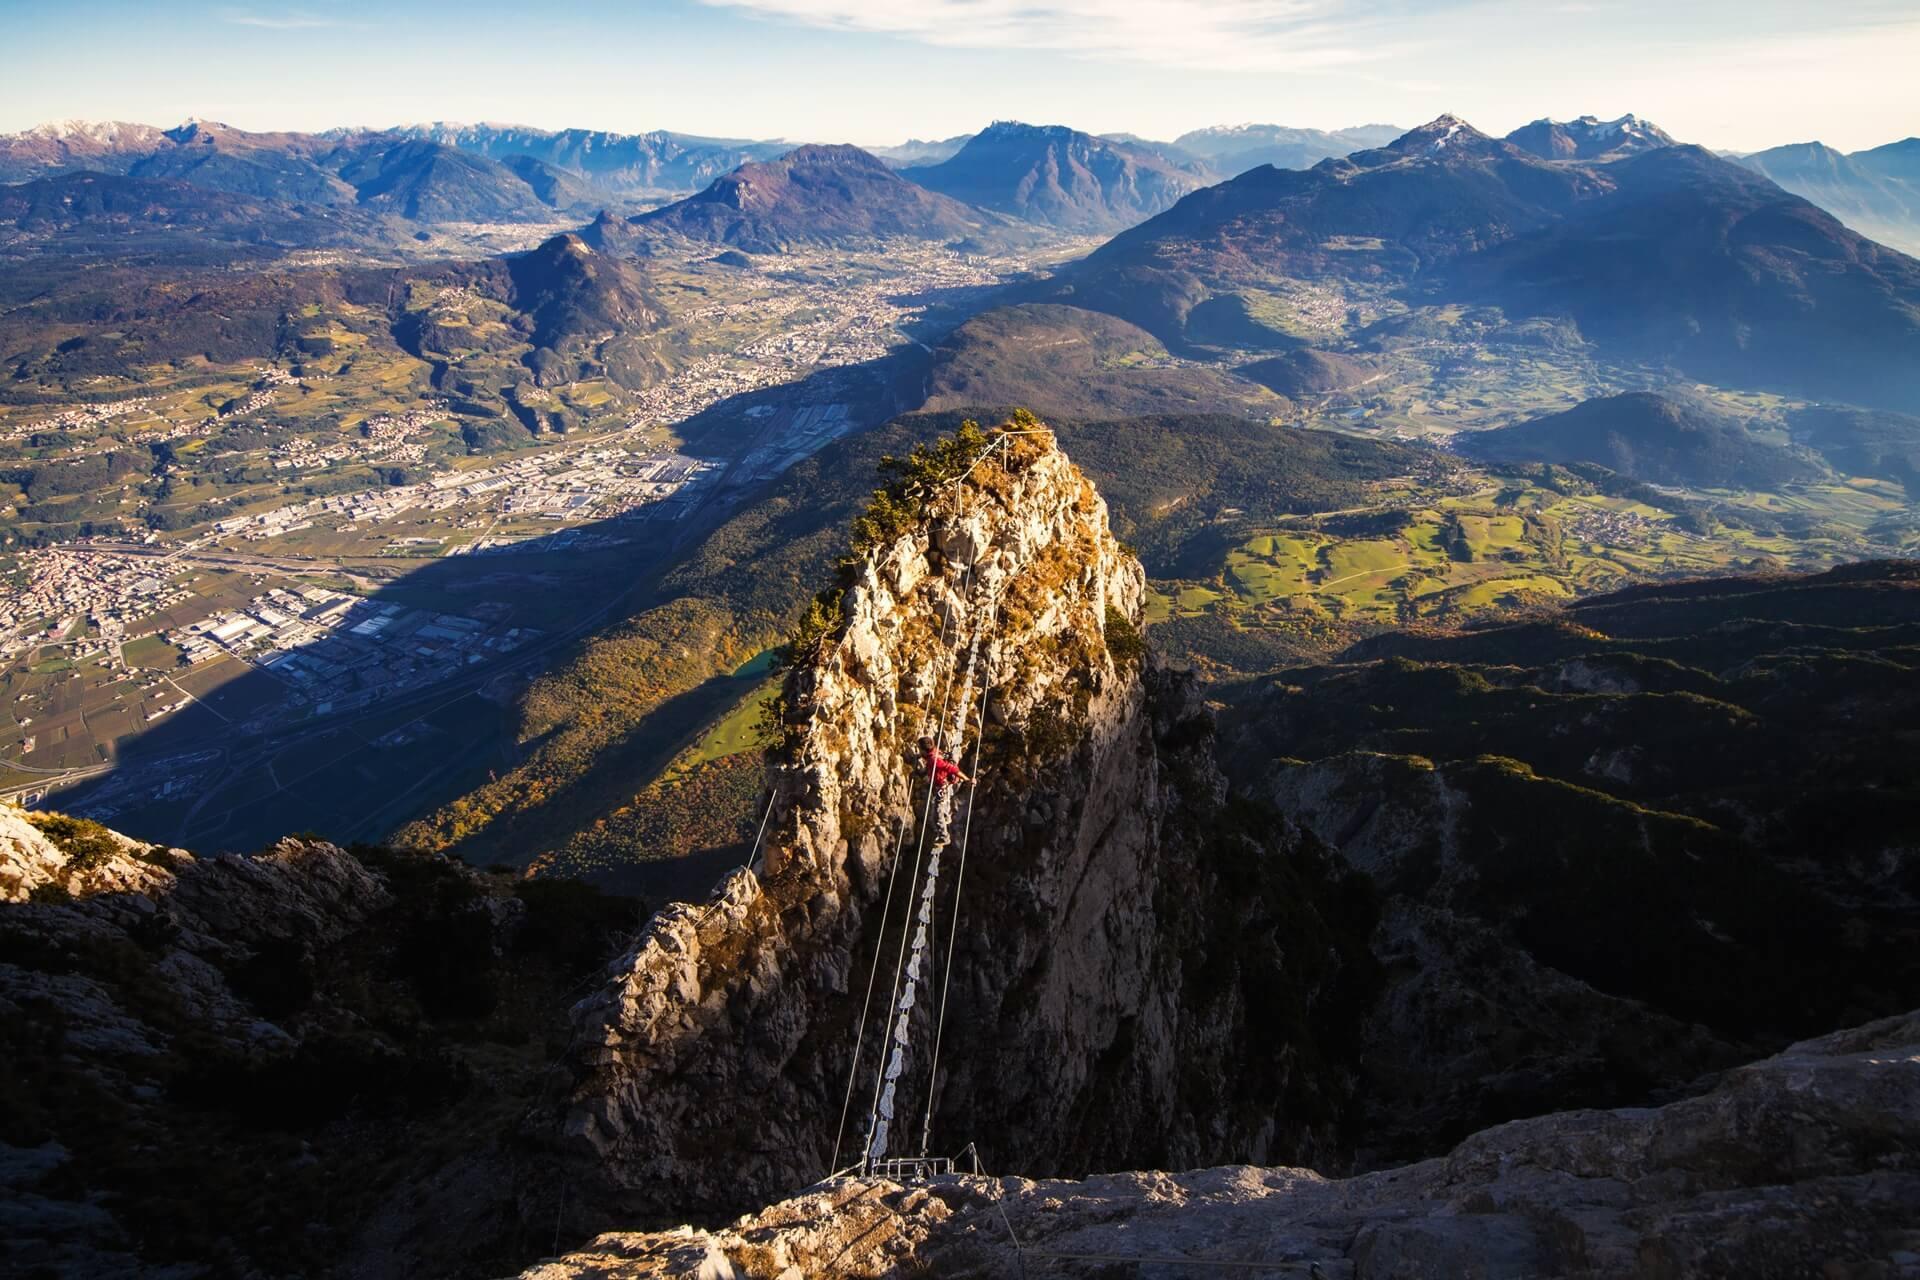 Klettersteig Croda Dei Toni : Klettersteige unternehmen für tourismus dolomiti paganella